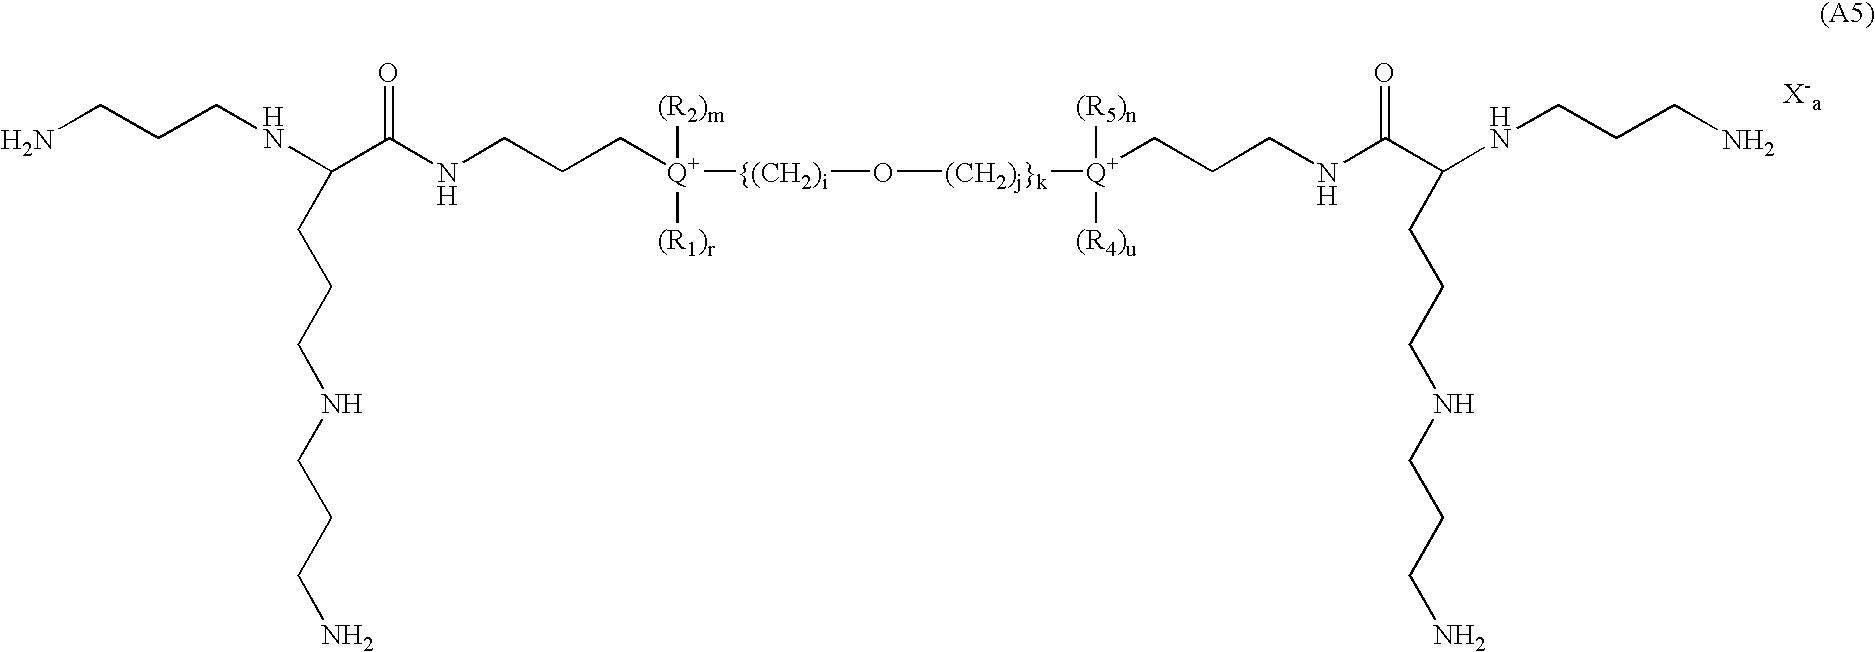 Figure US07323594-20080129-C00019